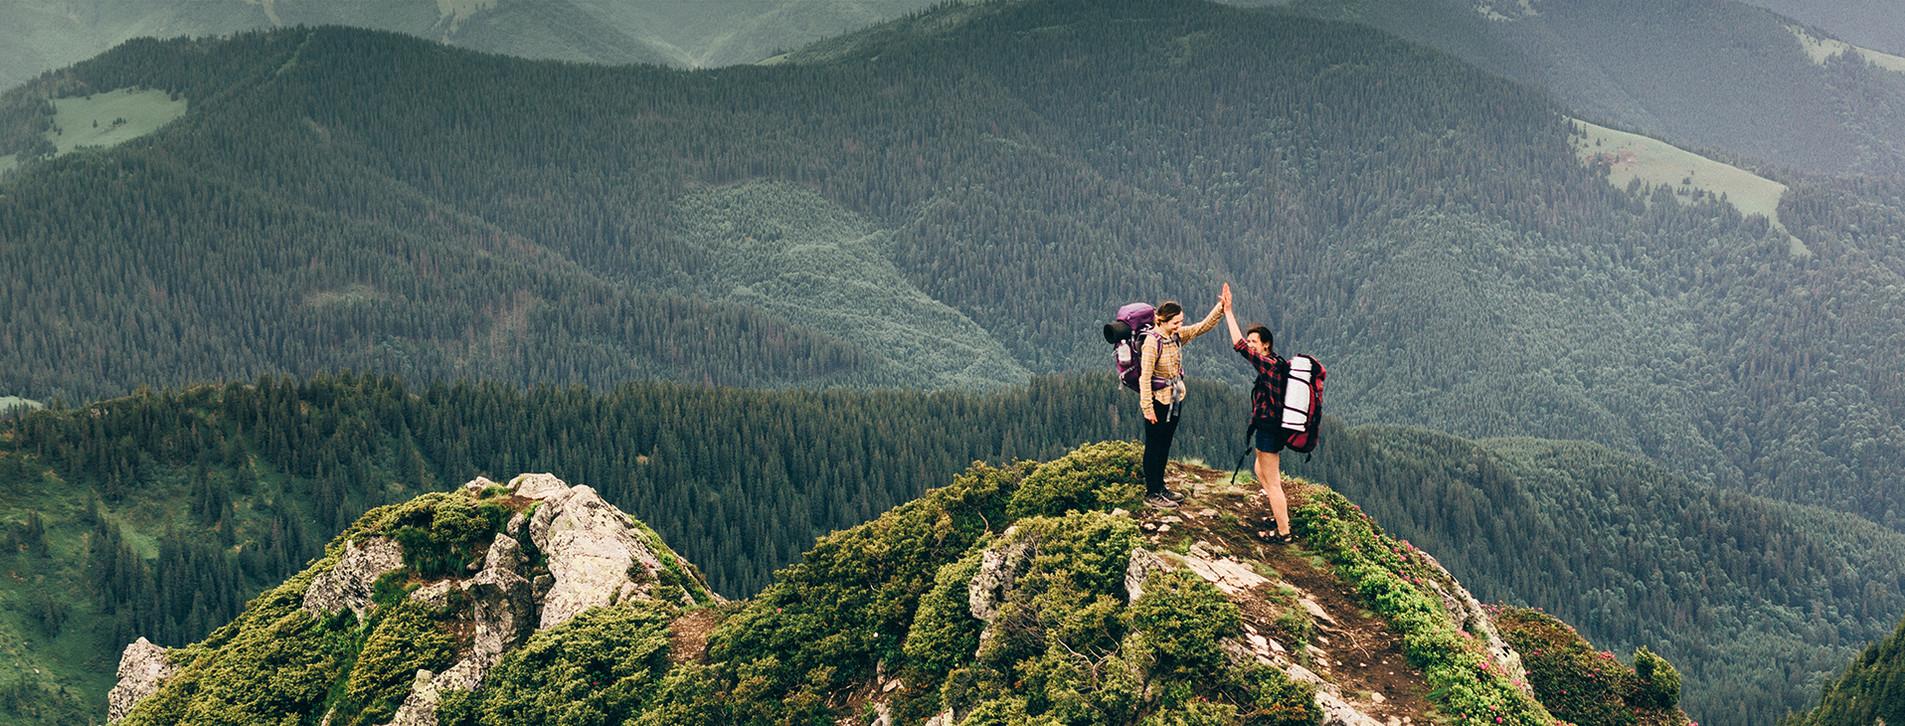 Фото 1 - Восхождение на вершины Карпат для двоих